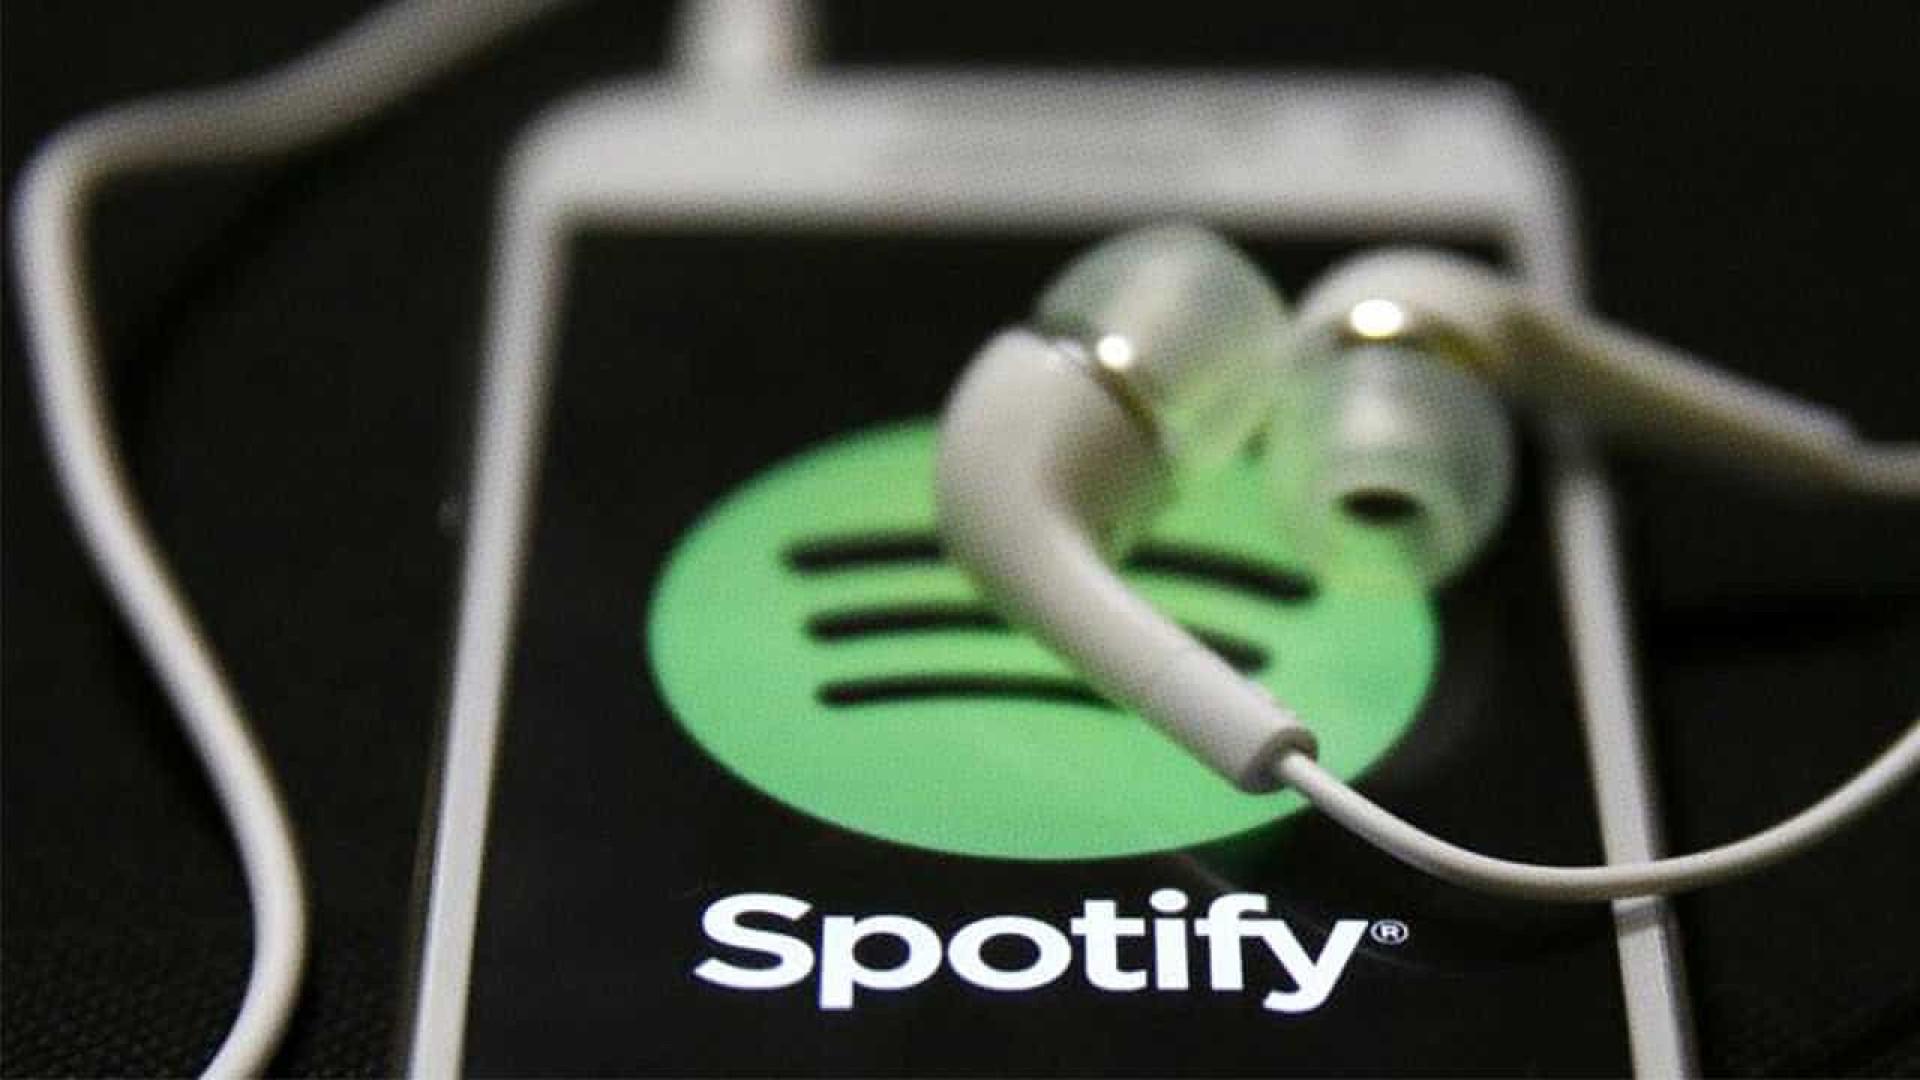 Spotify grátis tem melhorias. Será que vale a pena pagar pelo Premium?